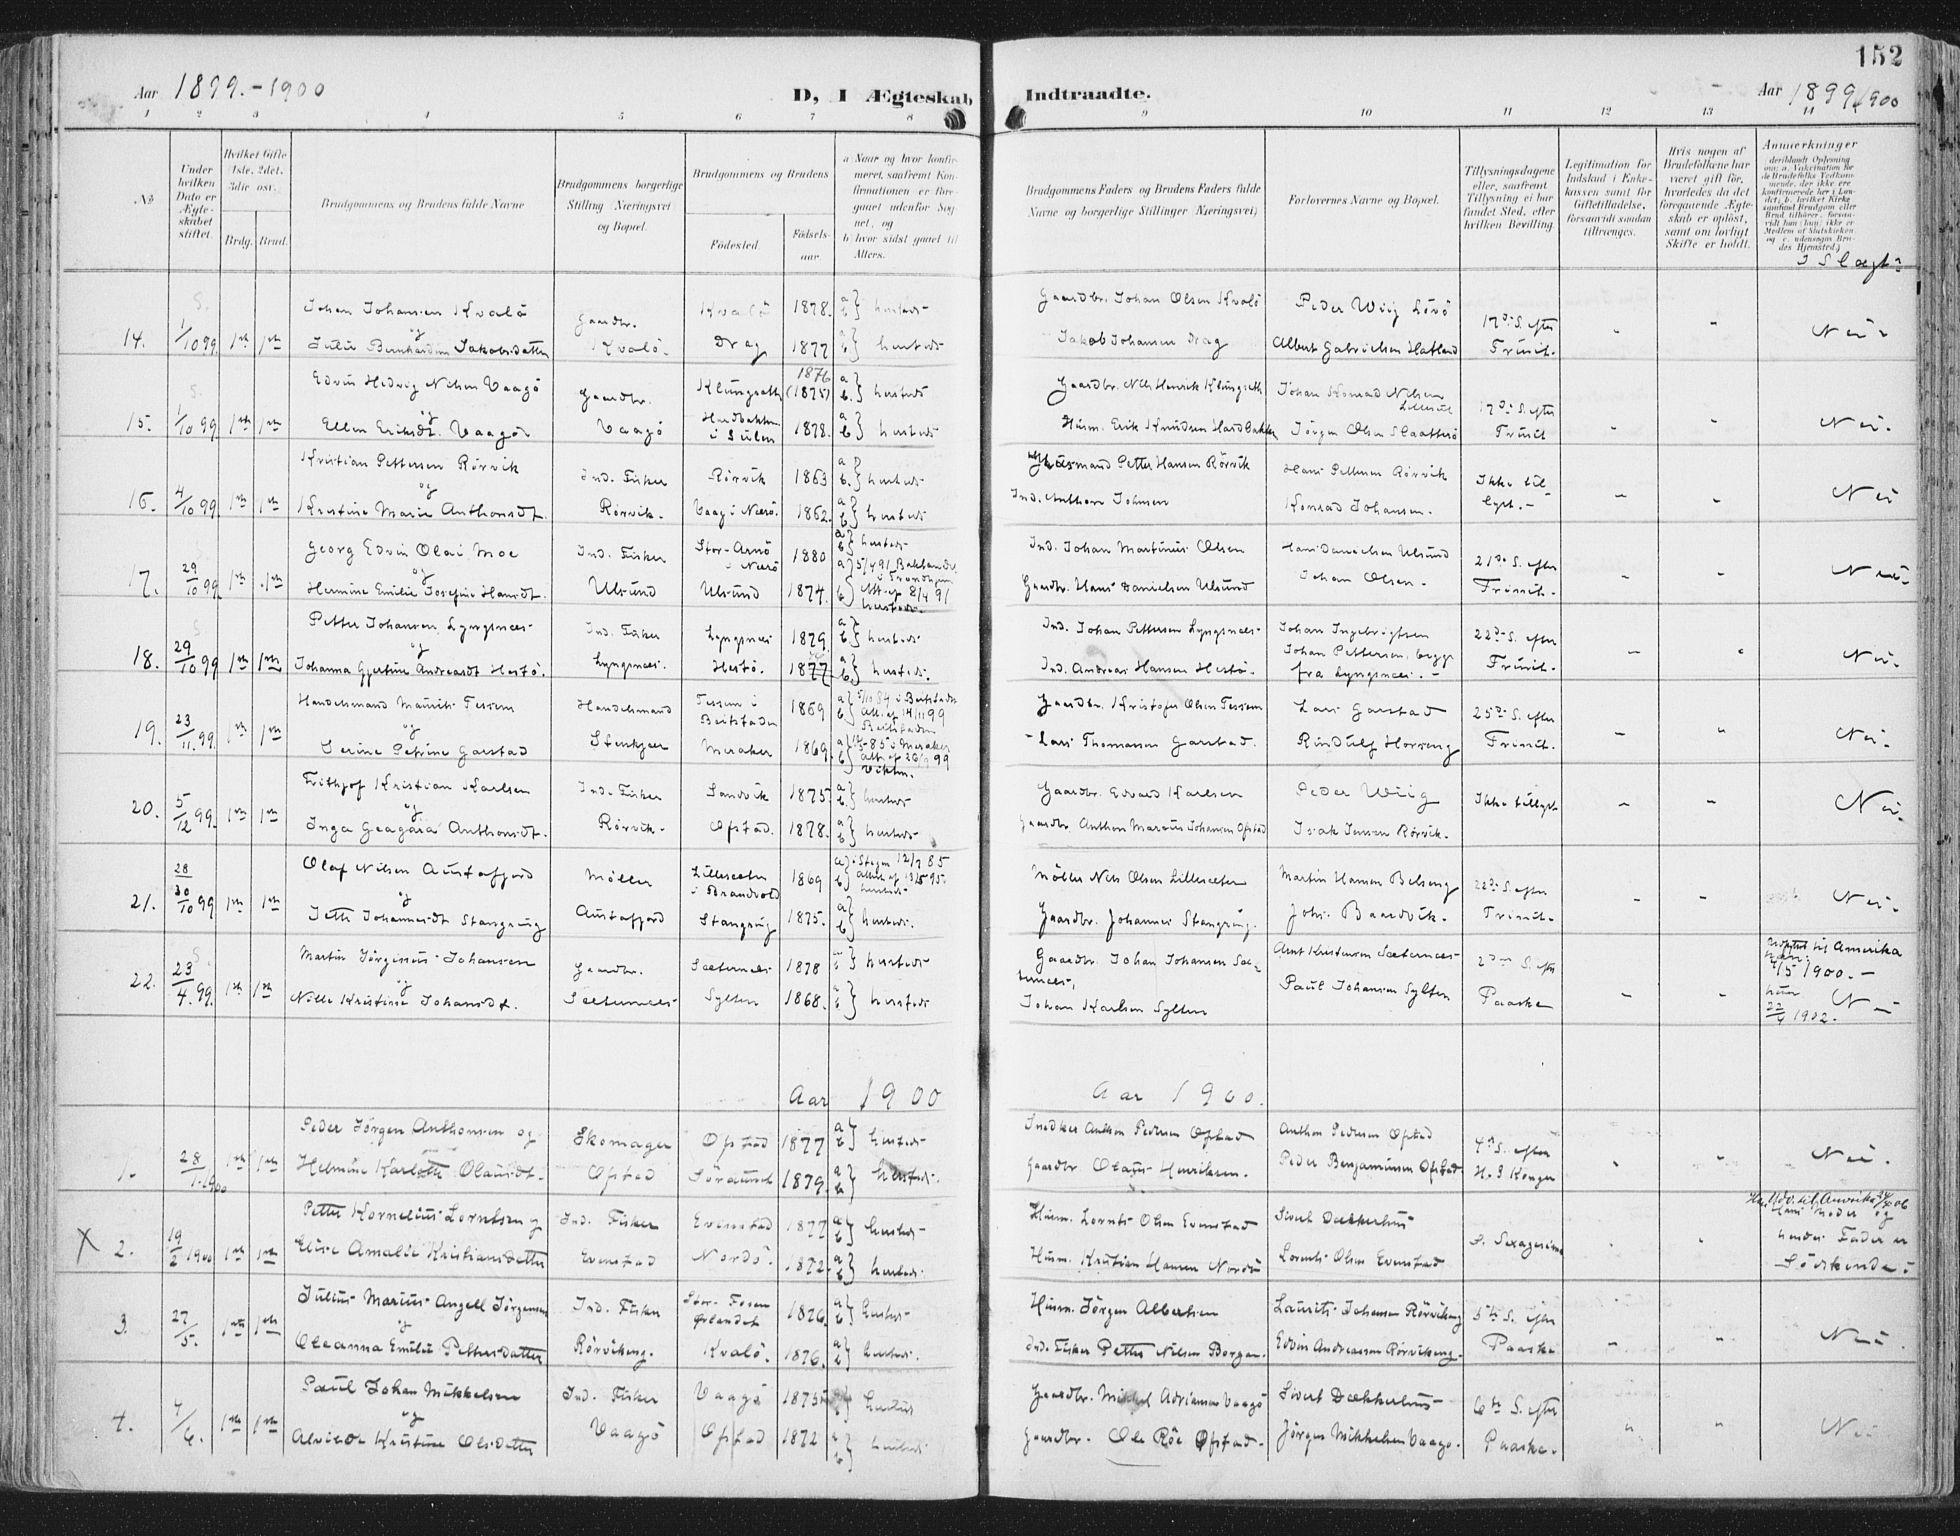 SAT, Ministerialprotokoller, klokkerbøker og fødselsregistre - Nord-Trøndelag, 786/L0688: Ministerialbok nr. 786A04, 1899-1912, s. 152